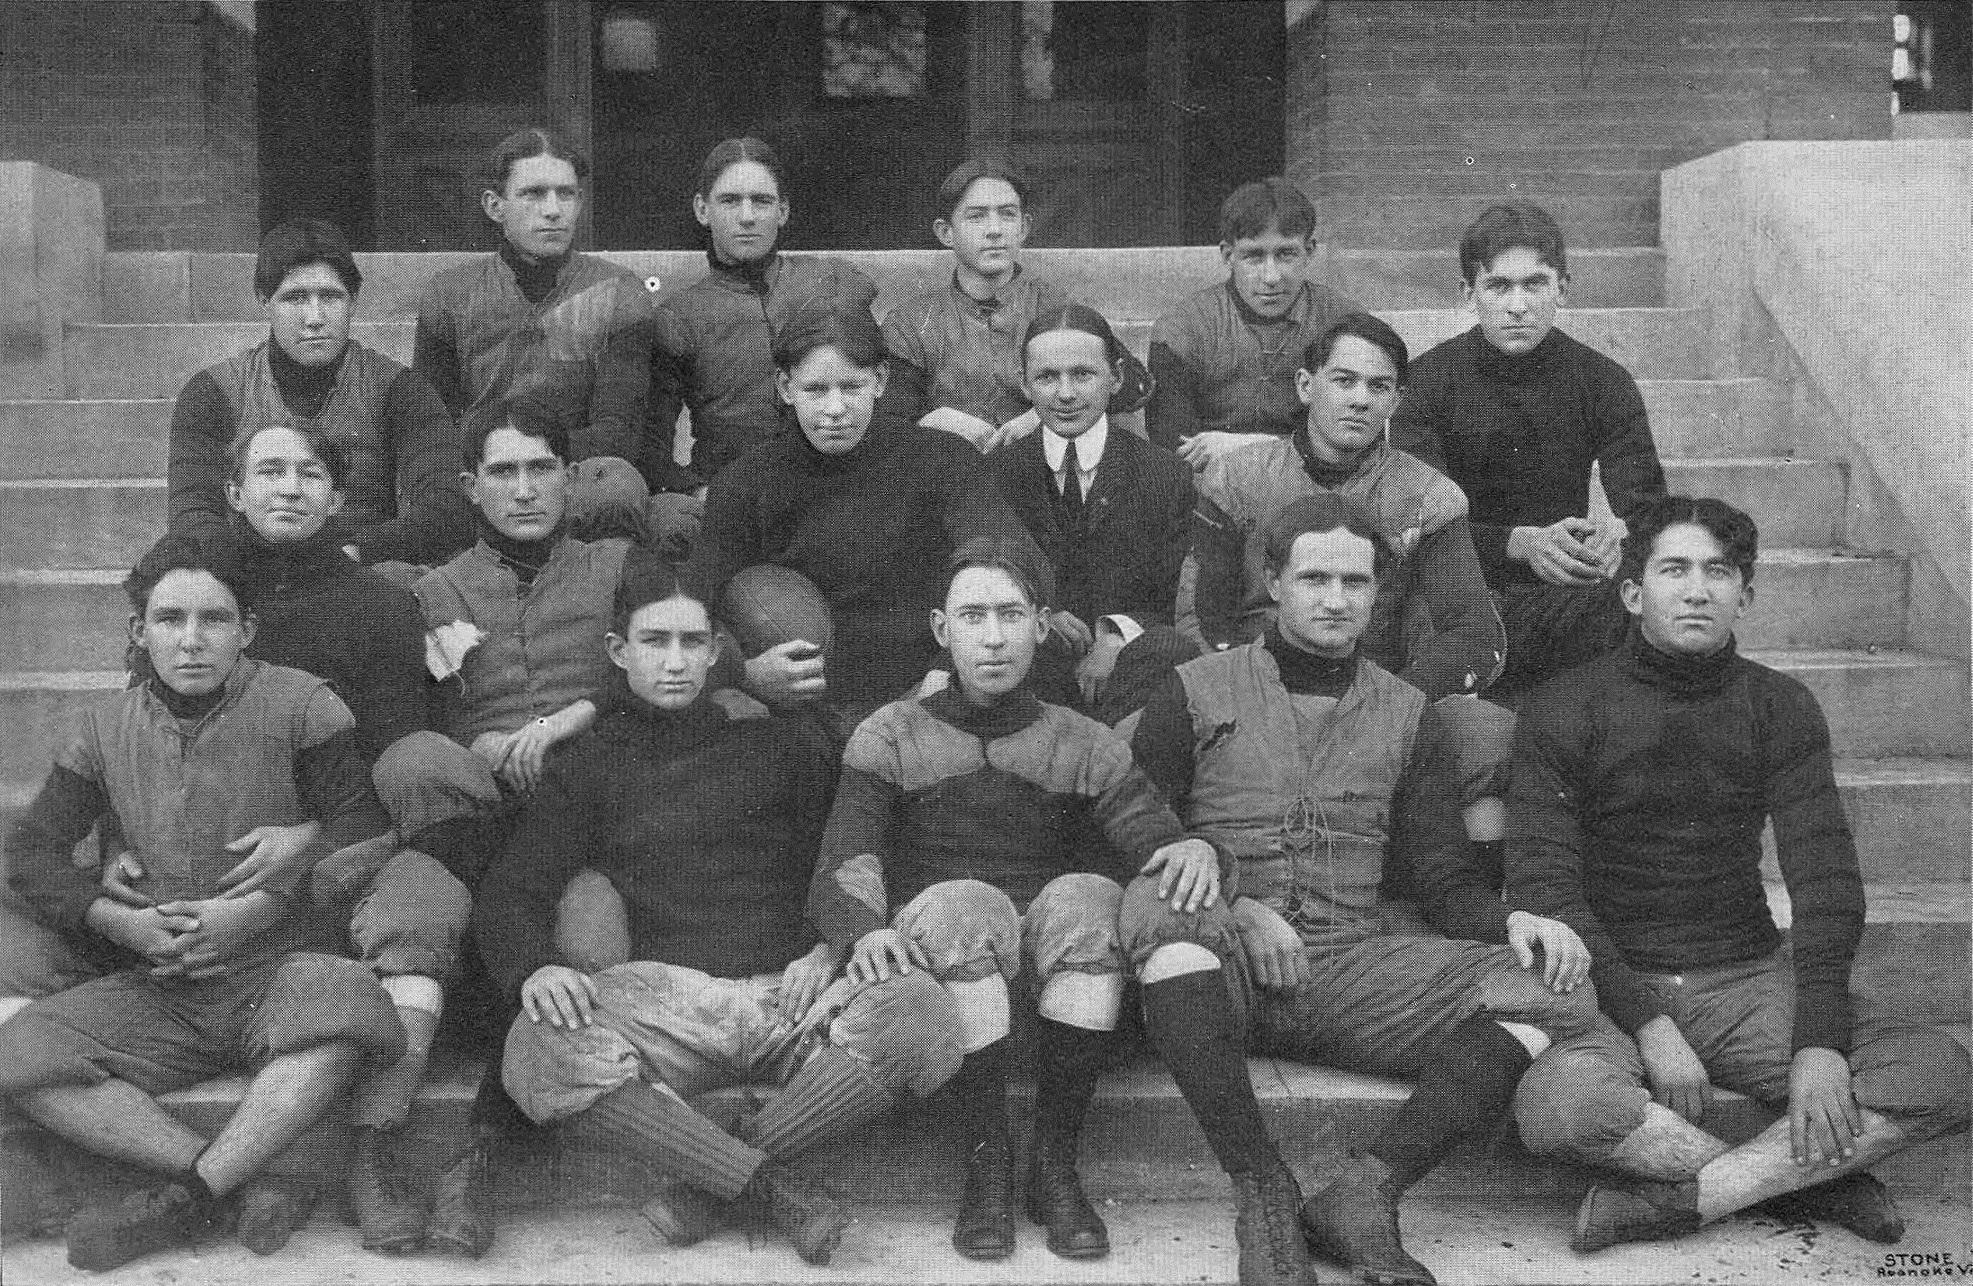 1903 Auburn Tigers football team - Wikipedia